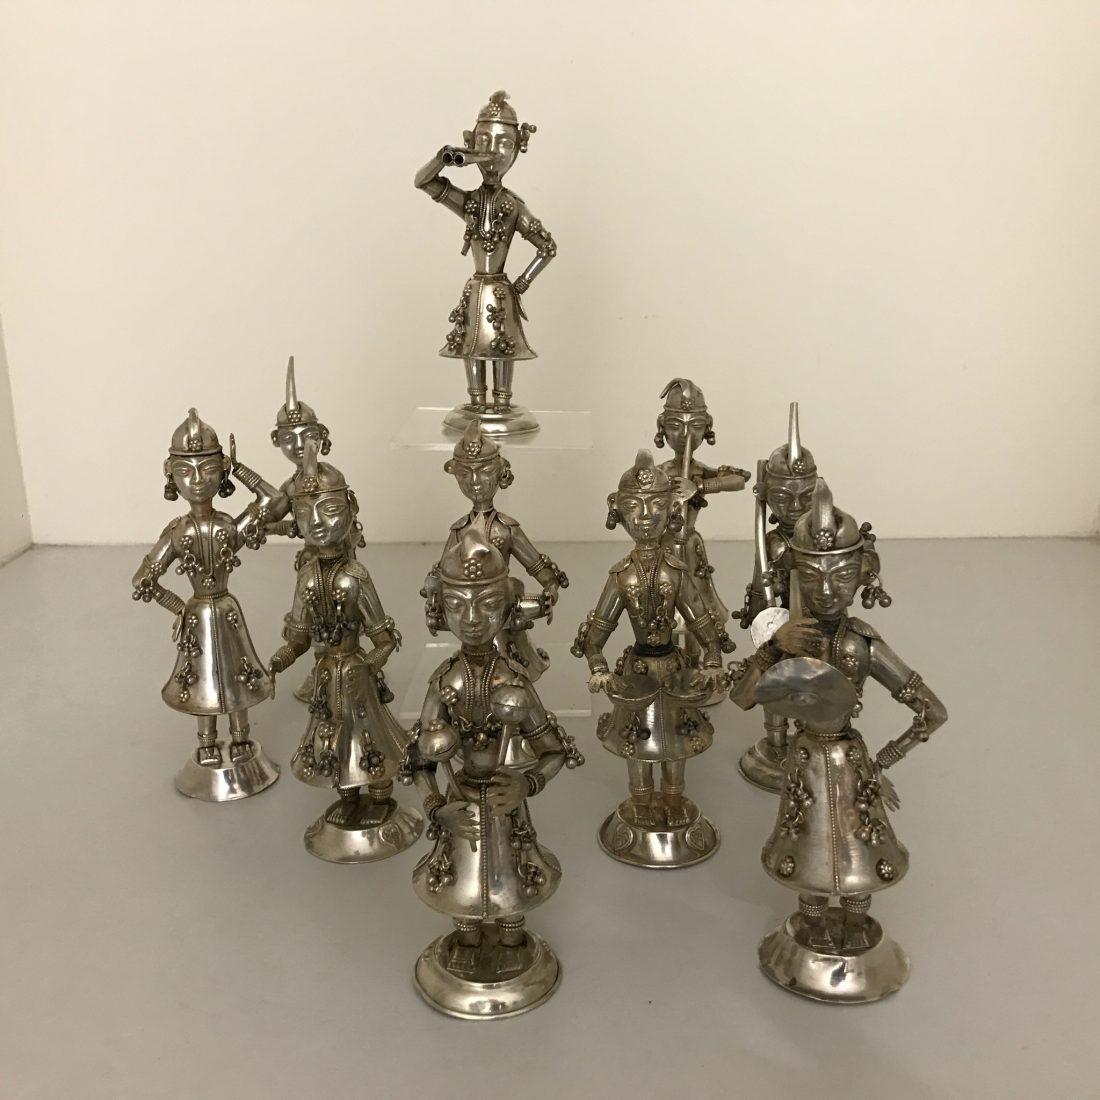 Diverse zilveren muziekkanten beeldjes 10 stuks, Azië,  begin 20e eeuw